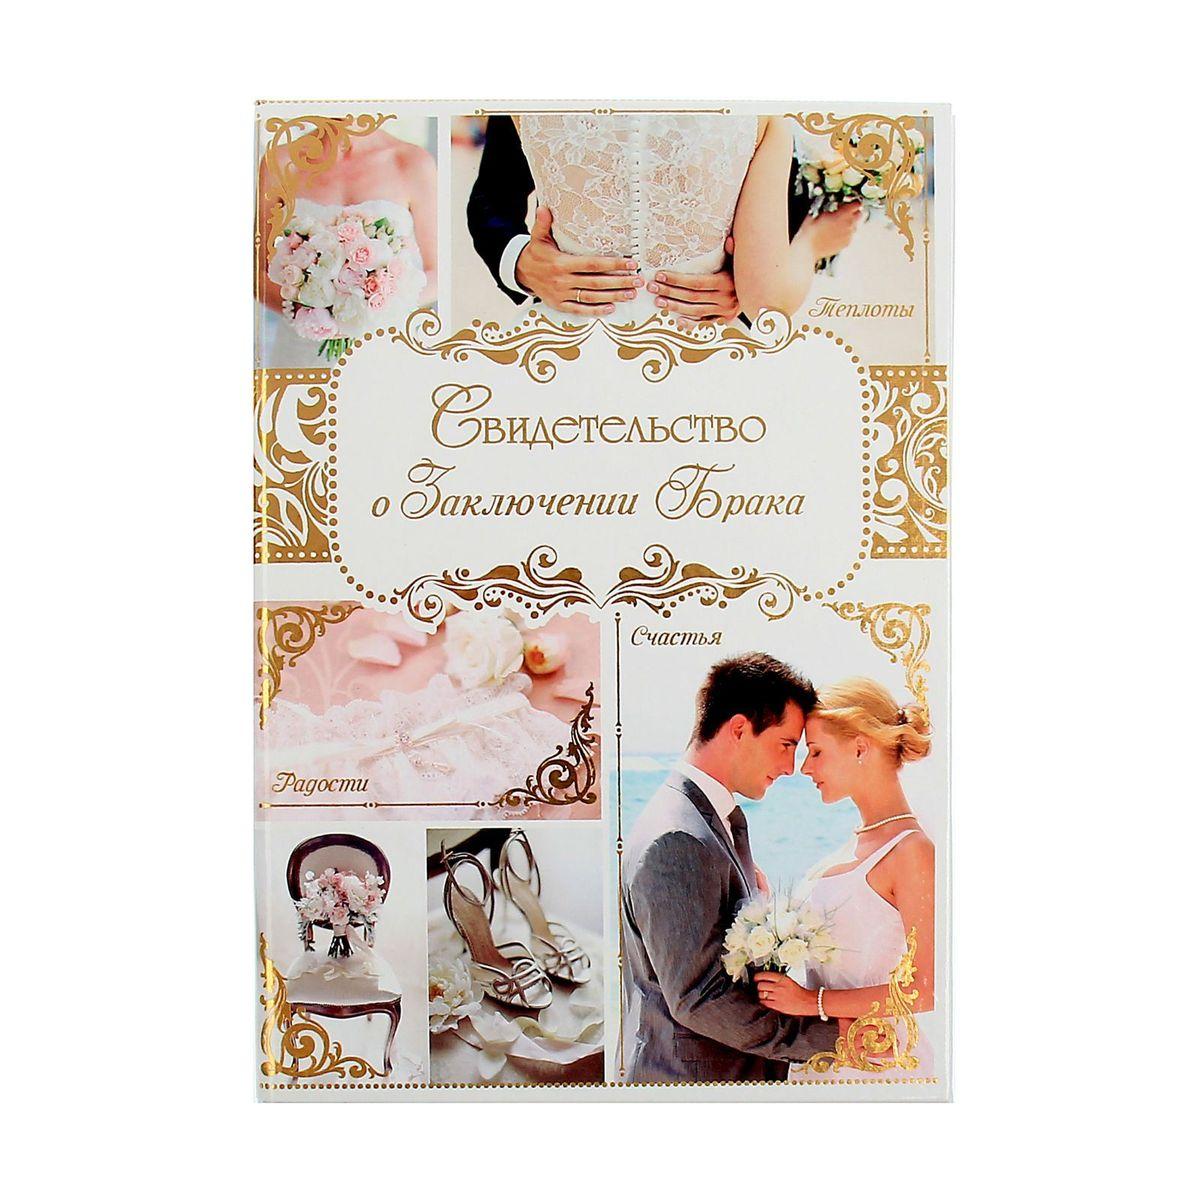 Папка для свидетельства о заключении брака Sima-land Теплоты, радости, счастья, 20,5 x 14 x 0,5 см19201Папка для свидетельства о заключении брака — наилучшее обрамление первого совместного документа молодой семьи. Она подчеркнёт торжественность бракосочетания и будет напоминать о счастливом дне!Папка формата А5 из ламинированного картона имеет удобный файл внутри (19,5 х 27 см), который бережно сохранит столь важный документ в первозданном виде. Задняя обложка украшена поздравительным стихотворением.Интересный дизайн обложки, тиснение золотом и душевные пожелания создадут отличное настроение новобрачным. Выберите этот аксессуар себе или подарите друзьям. Папка станет хорошим презентом на свадьбу или её годовщину.